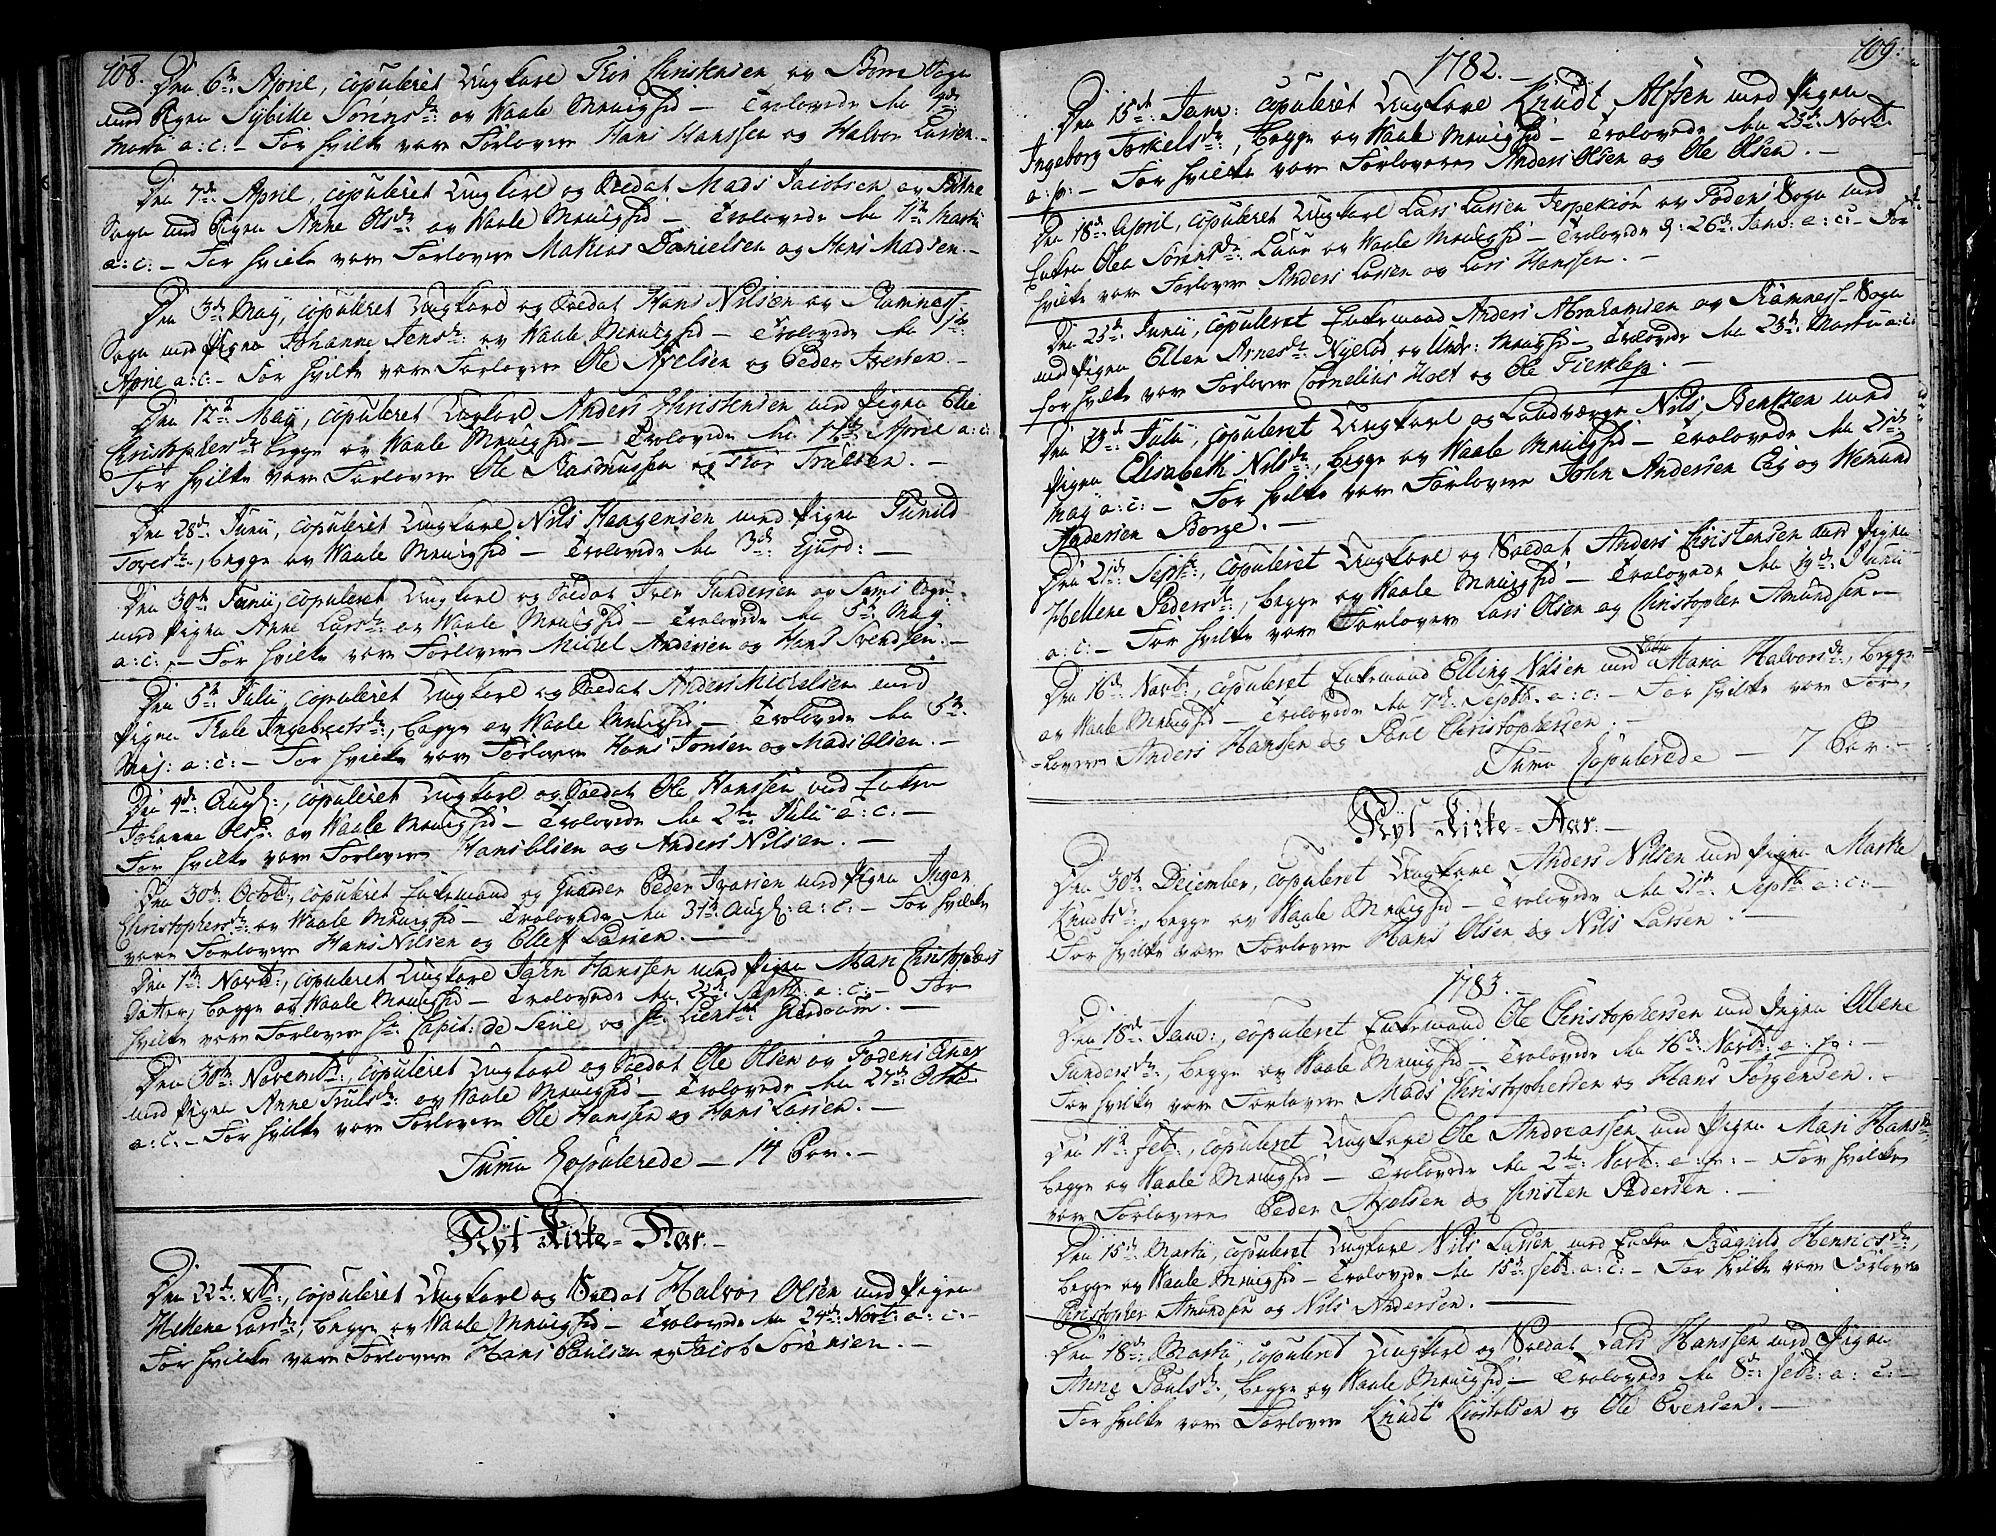 SAKO, Våle kirkebøker, F/Fa/L0005: Ministerialbok nr. I 5, 1773-1808, s. 108-109